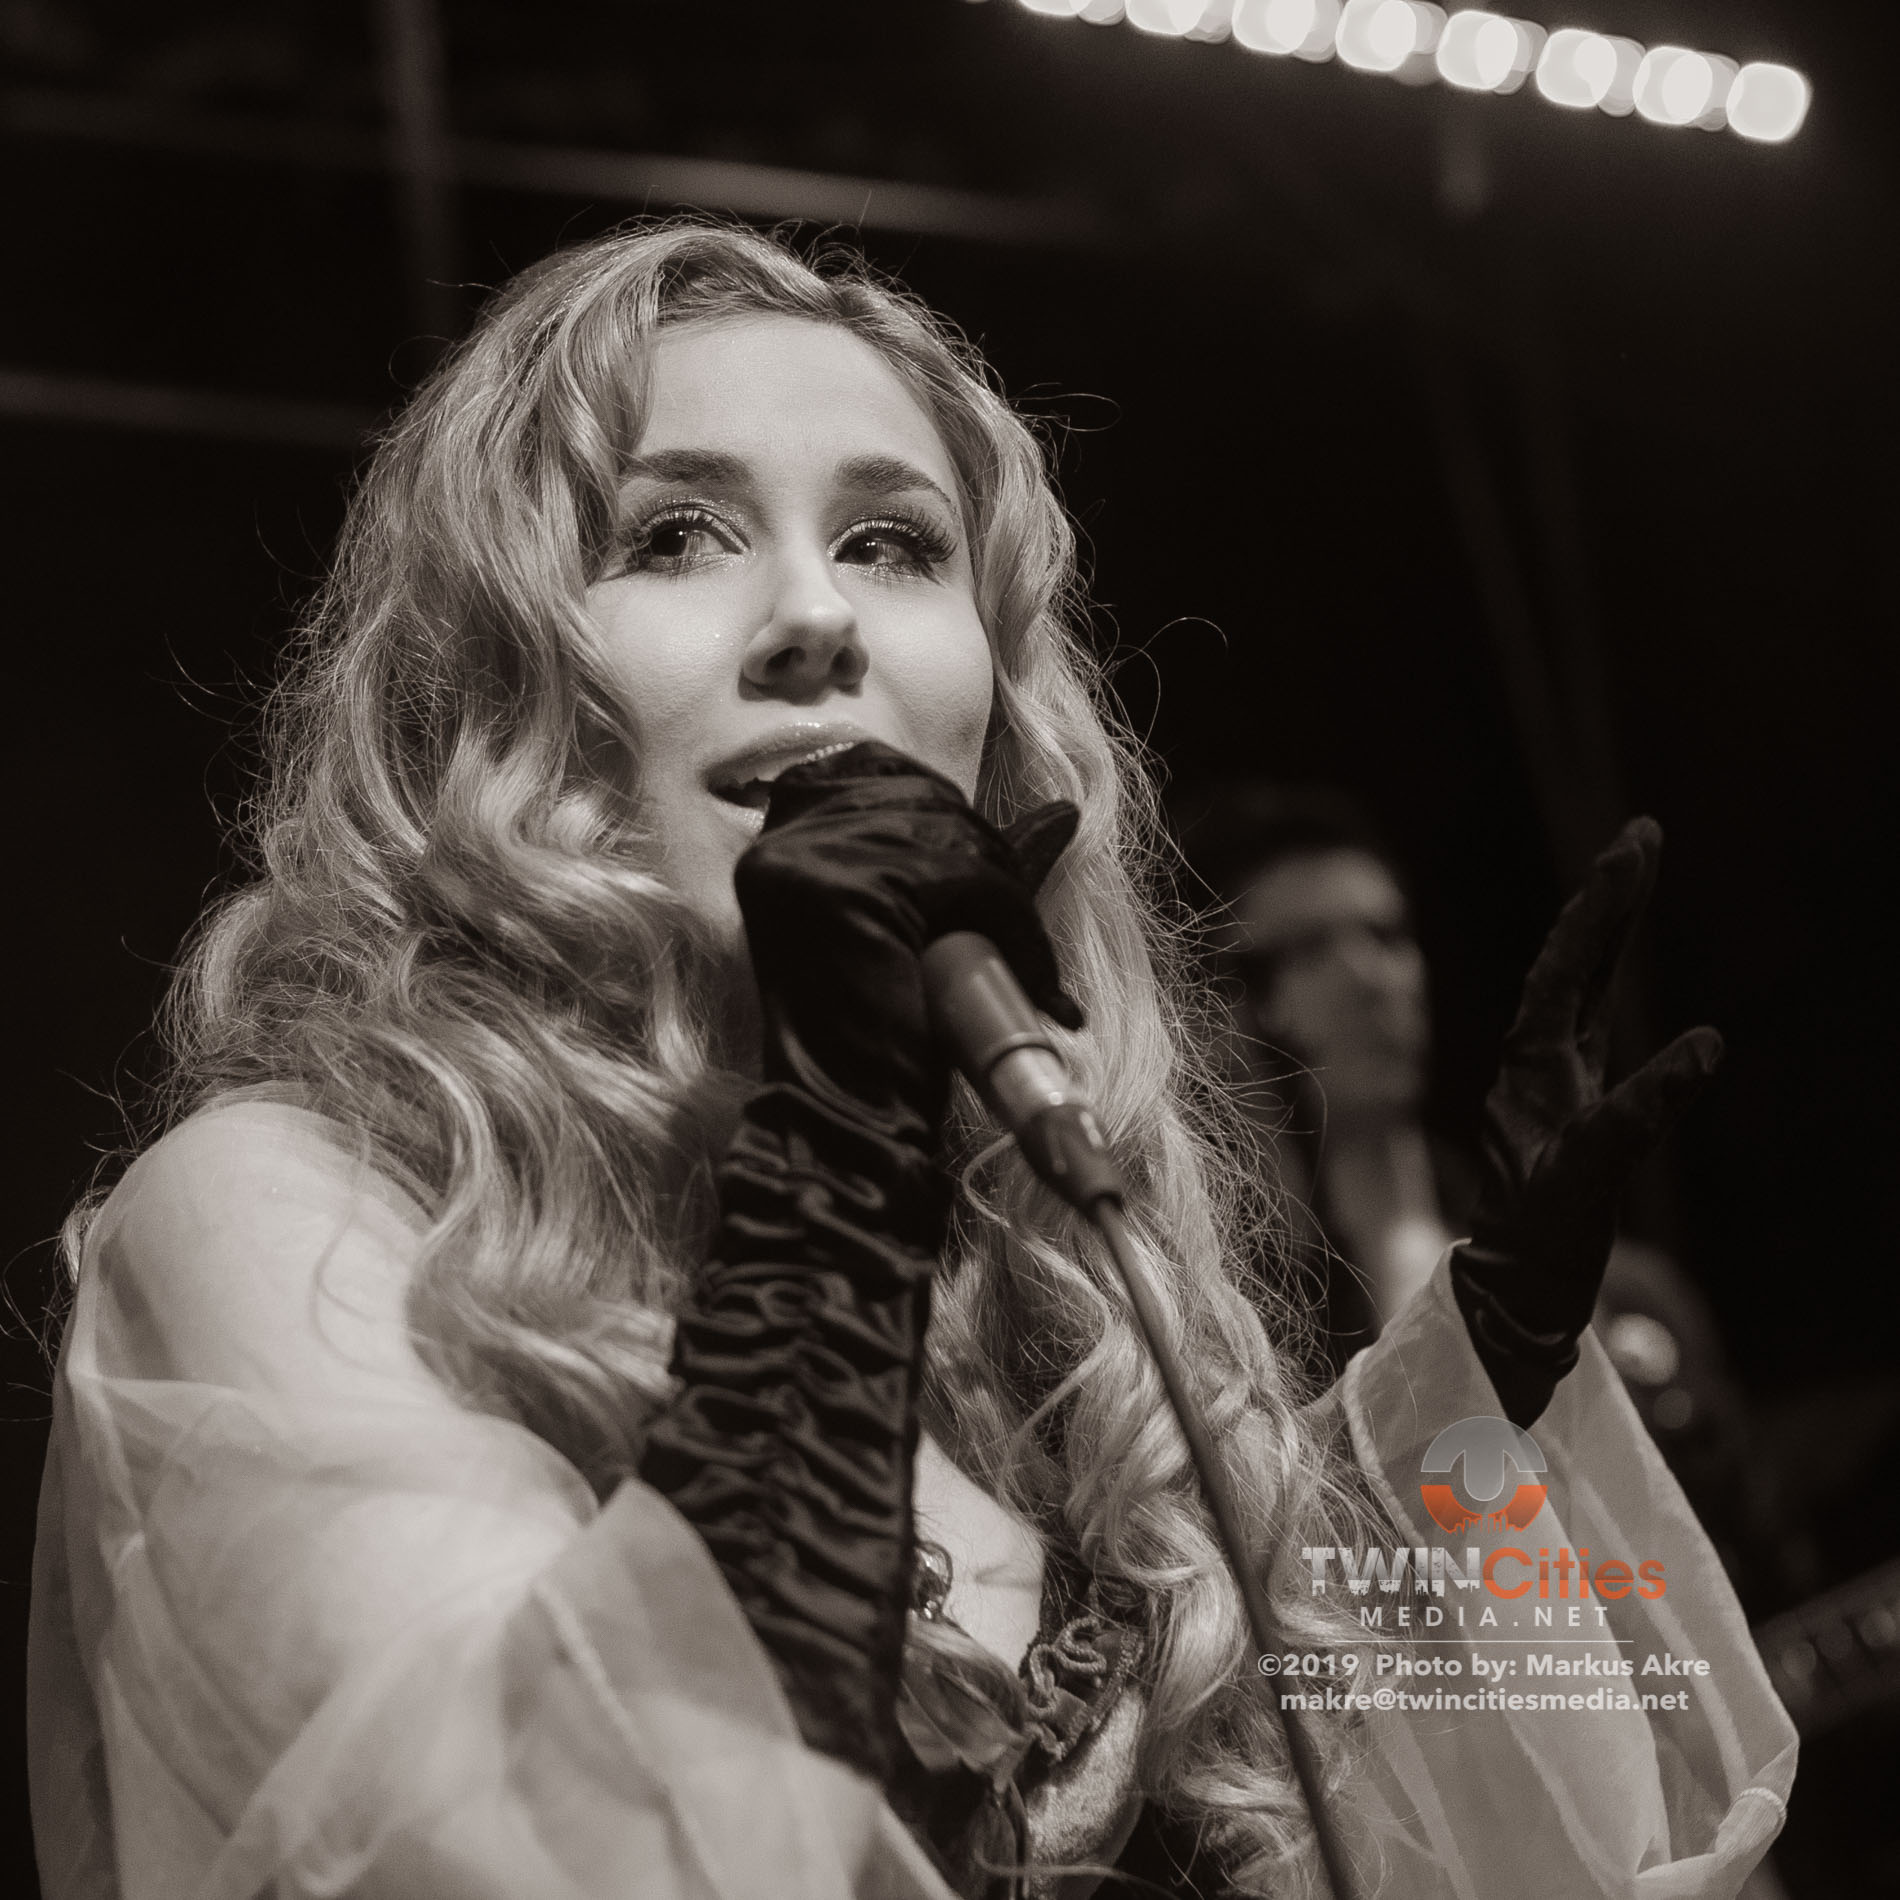 Haley-Reinhart-3